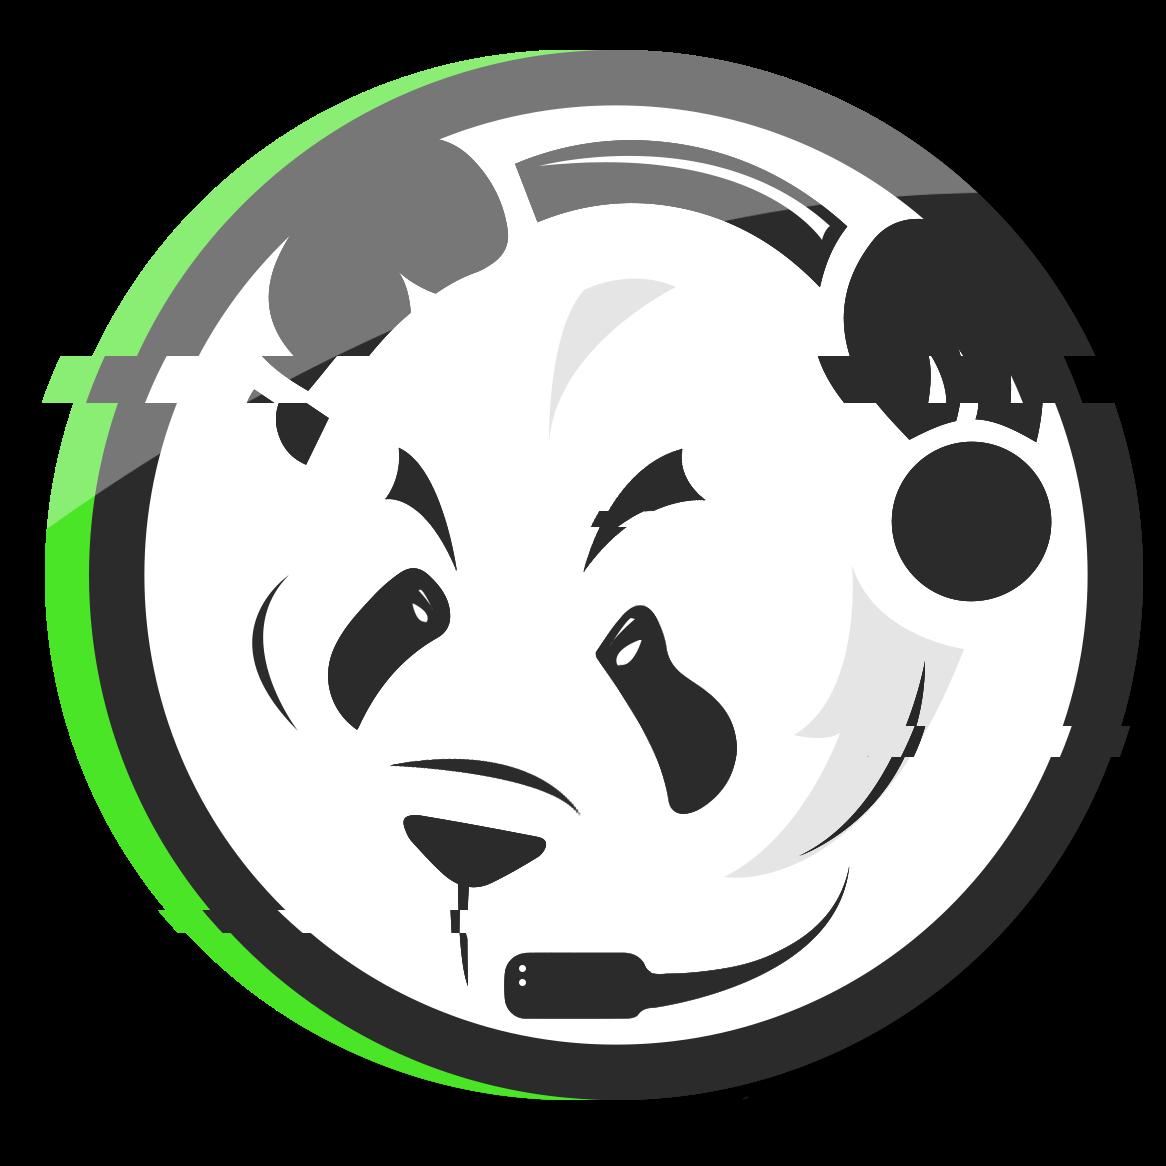 @DJPANDA Profile Image | Linktree